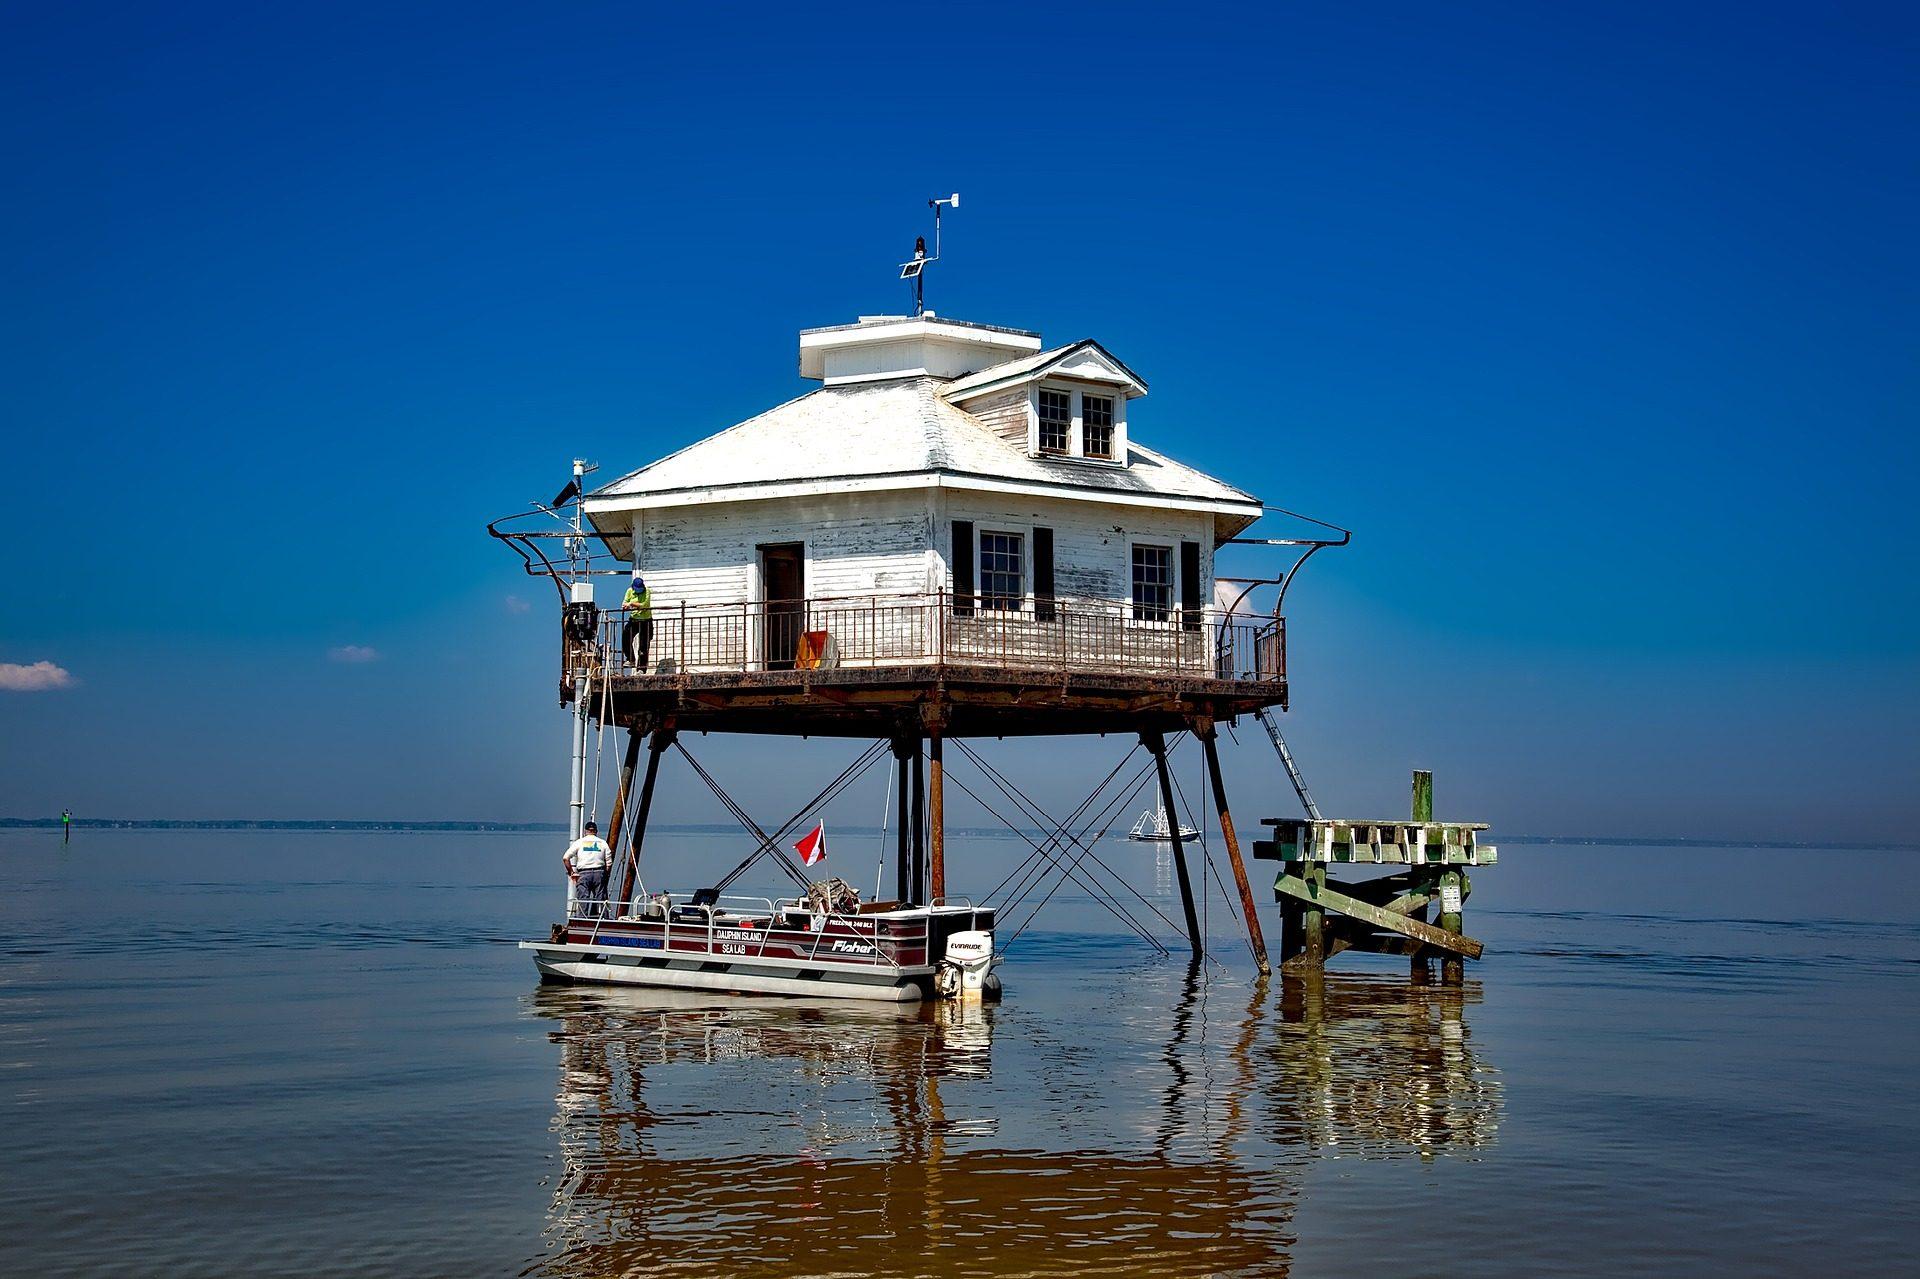 Mar, Casa, Embarcadero, barco, Farol, Baía - Papéis de parede HD - Professor-falken.com